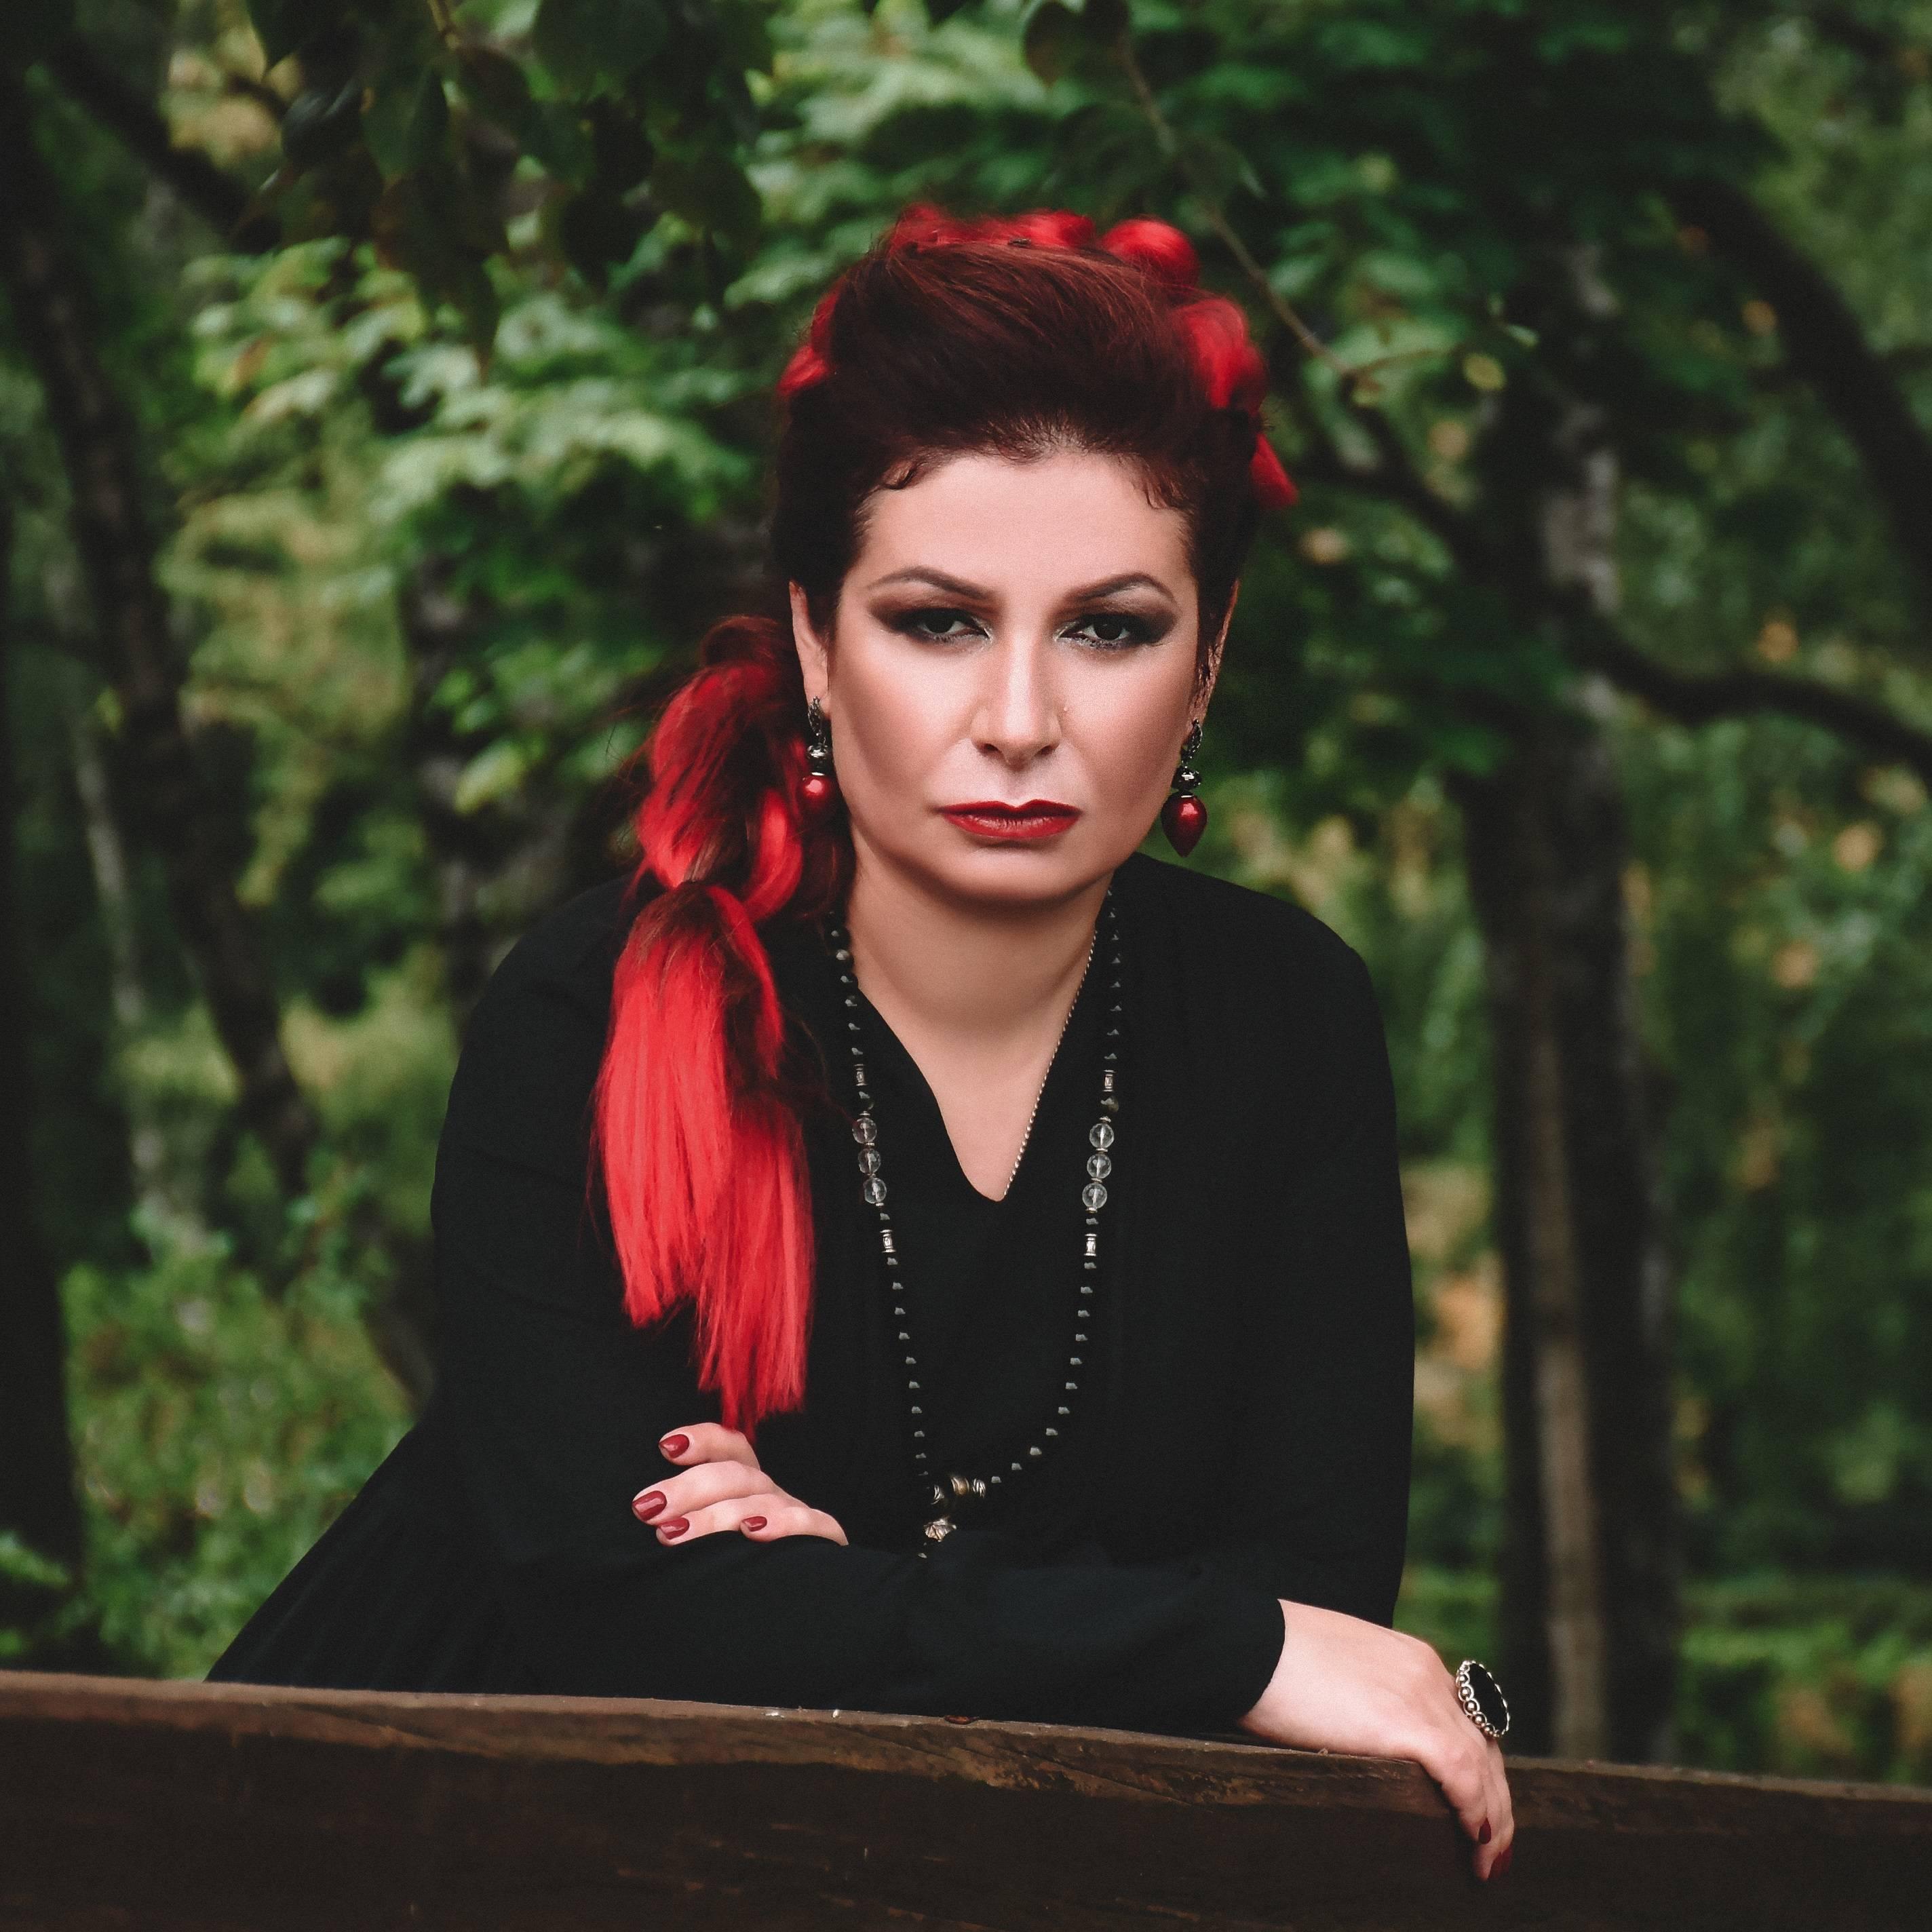 Алена полынь — создательница империи сильнейших ведьм